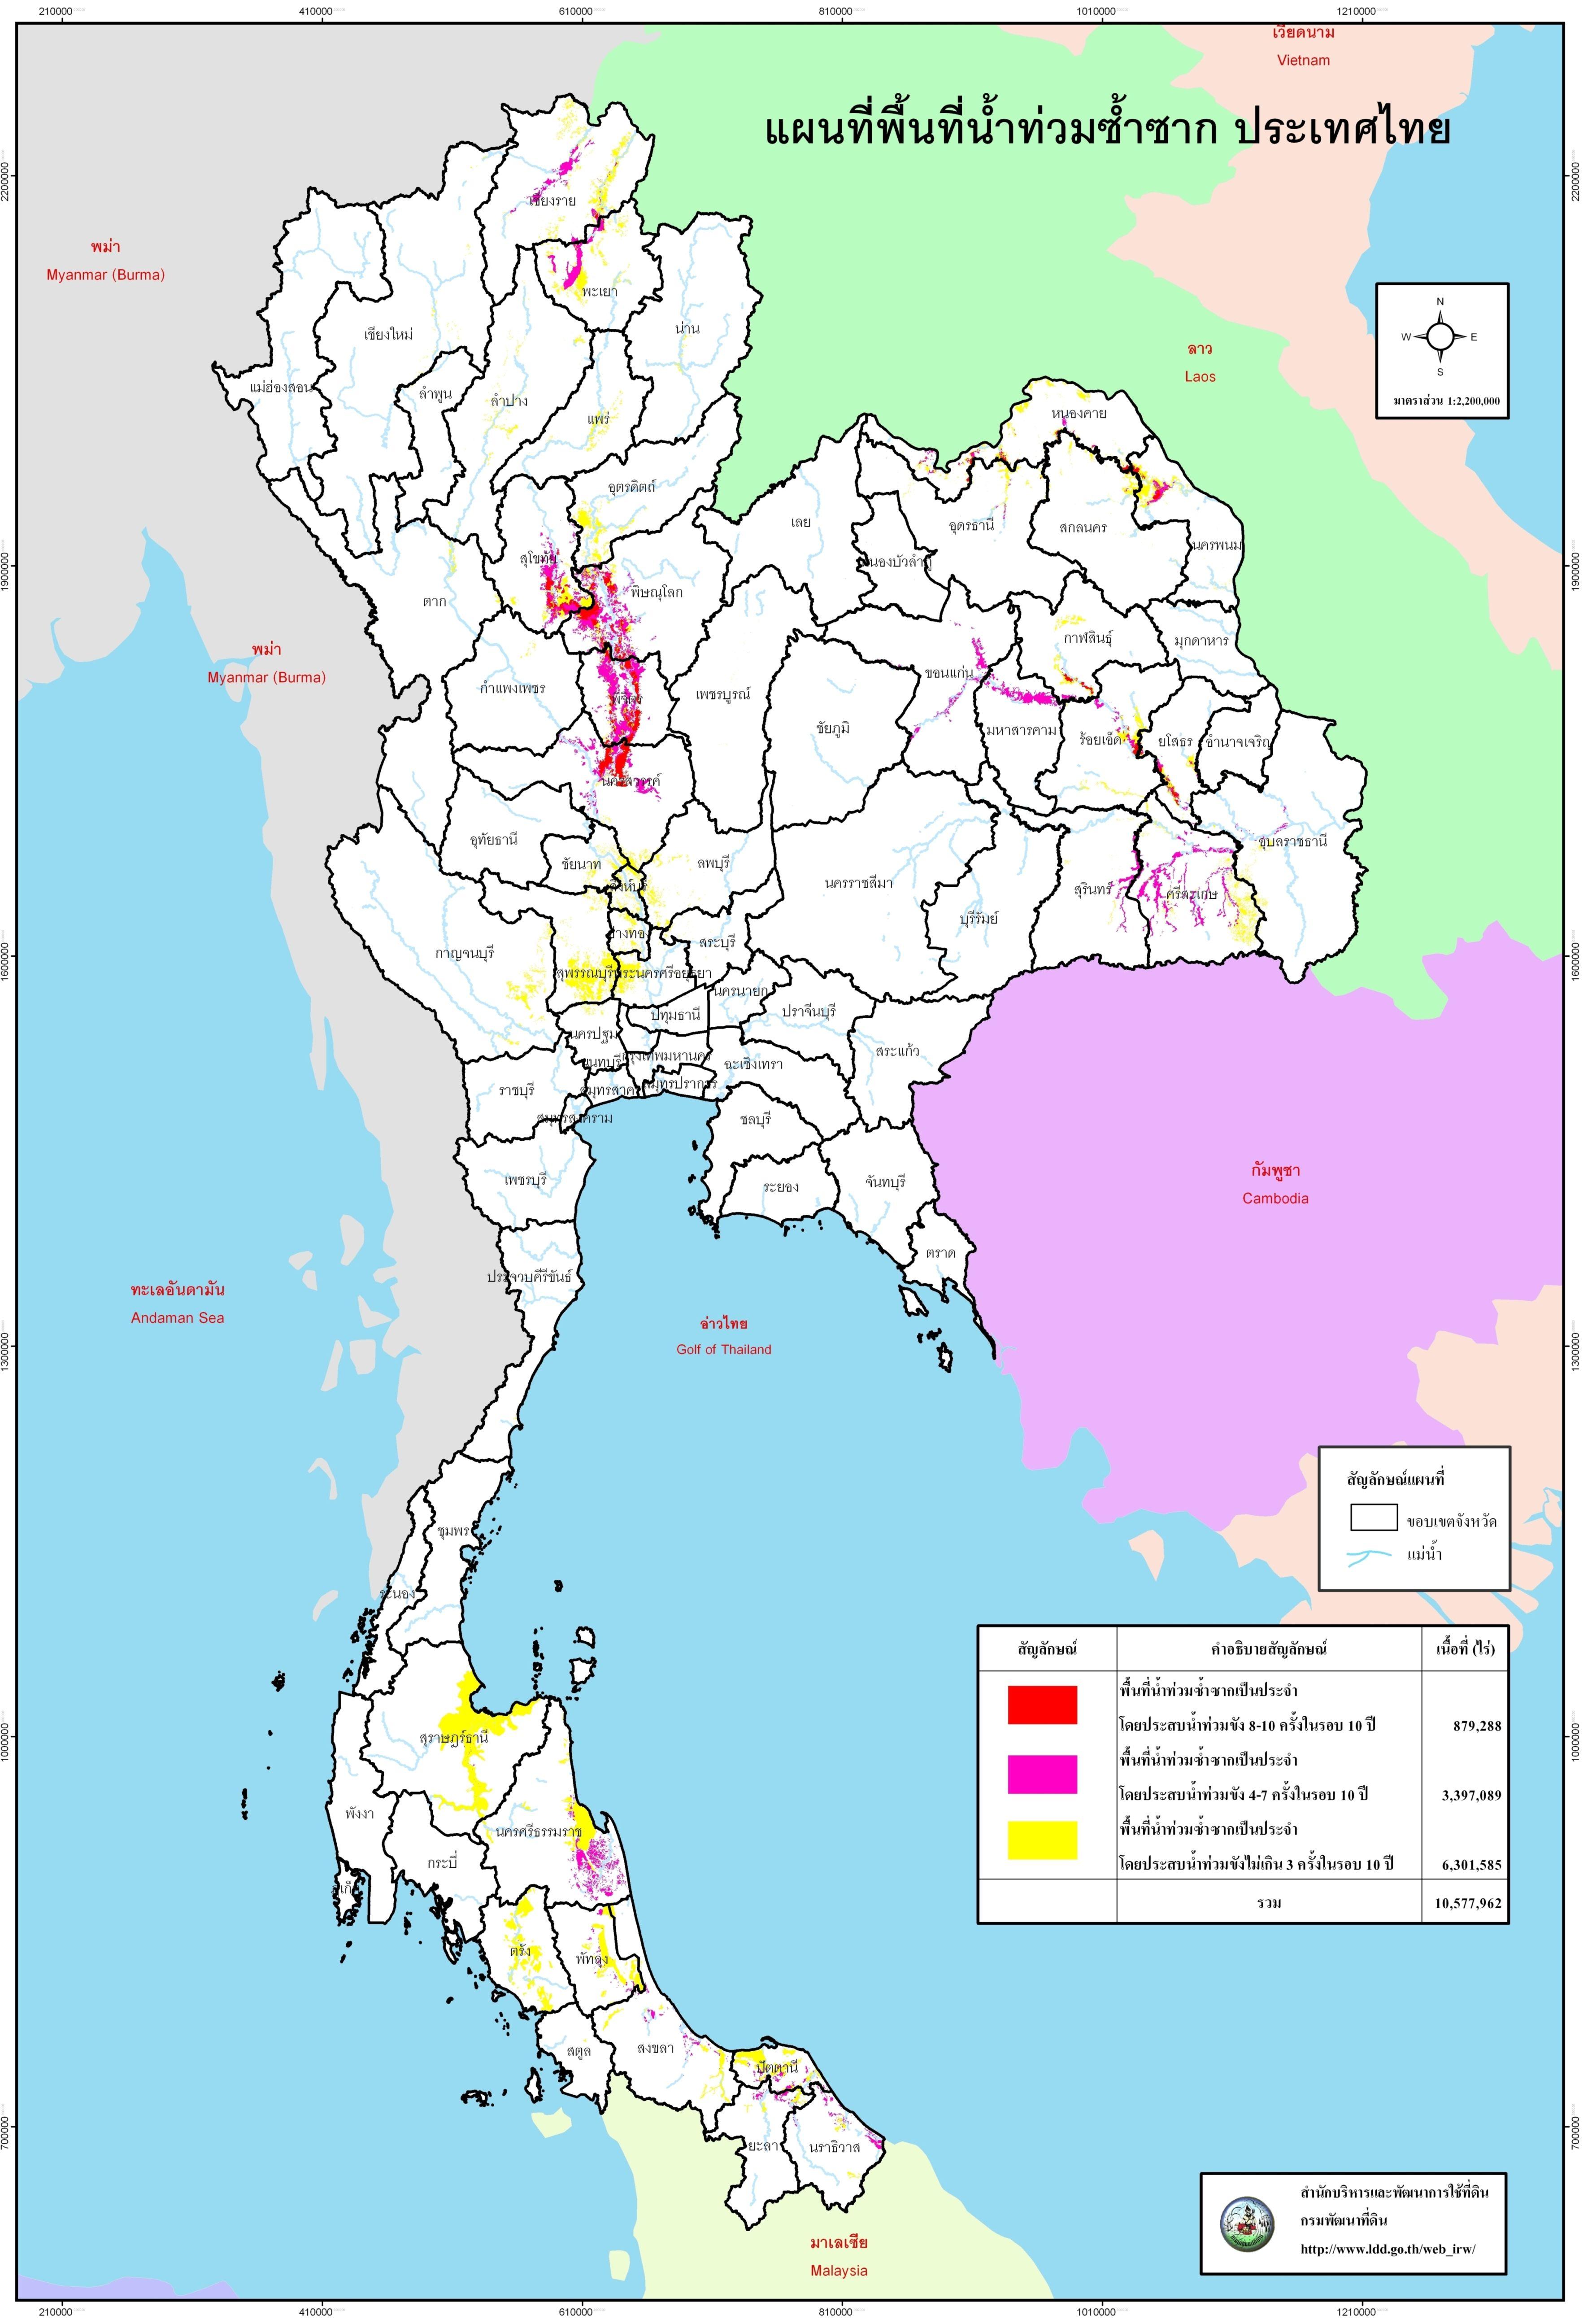 泰国地形图,高清详细的,手绘也可以,河流平原什么的.